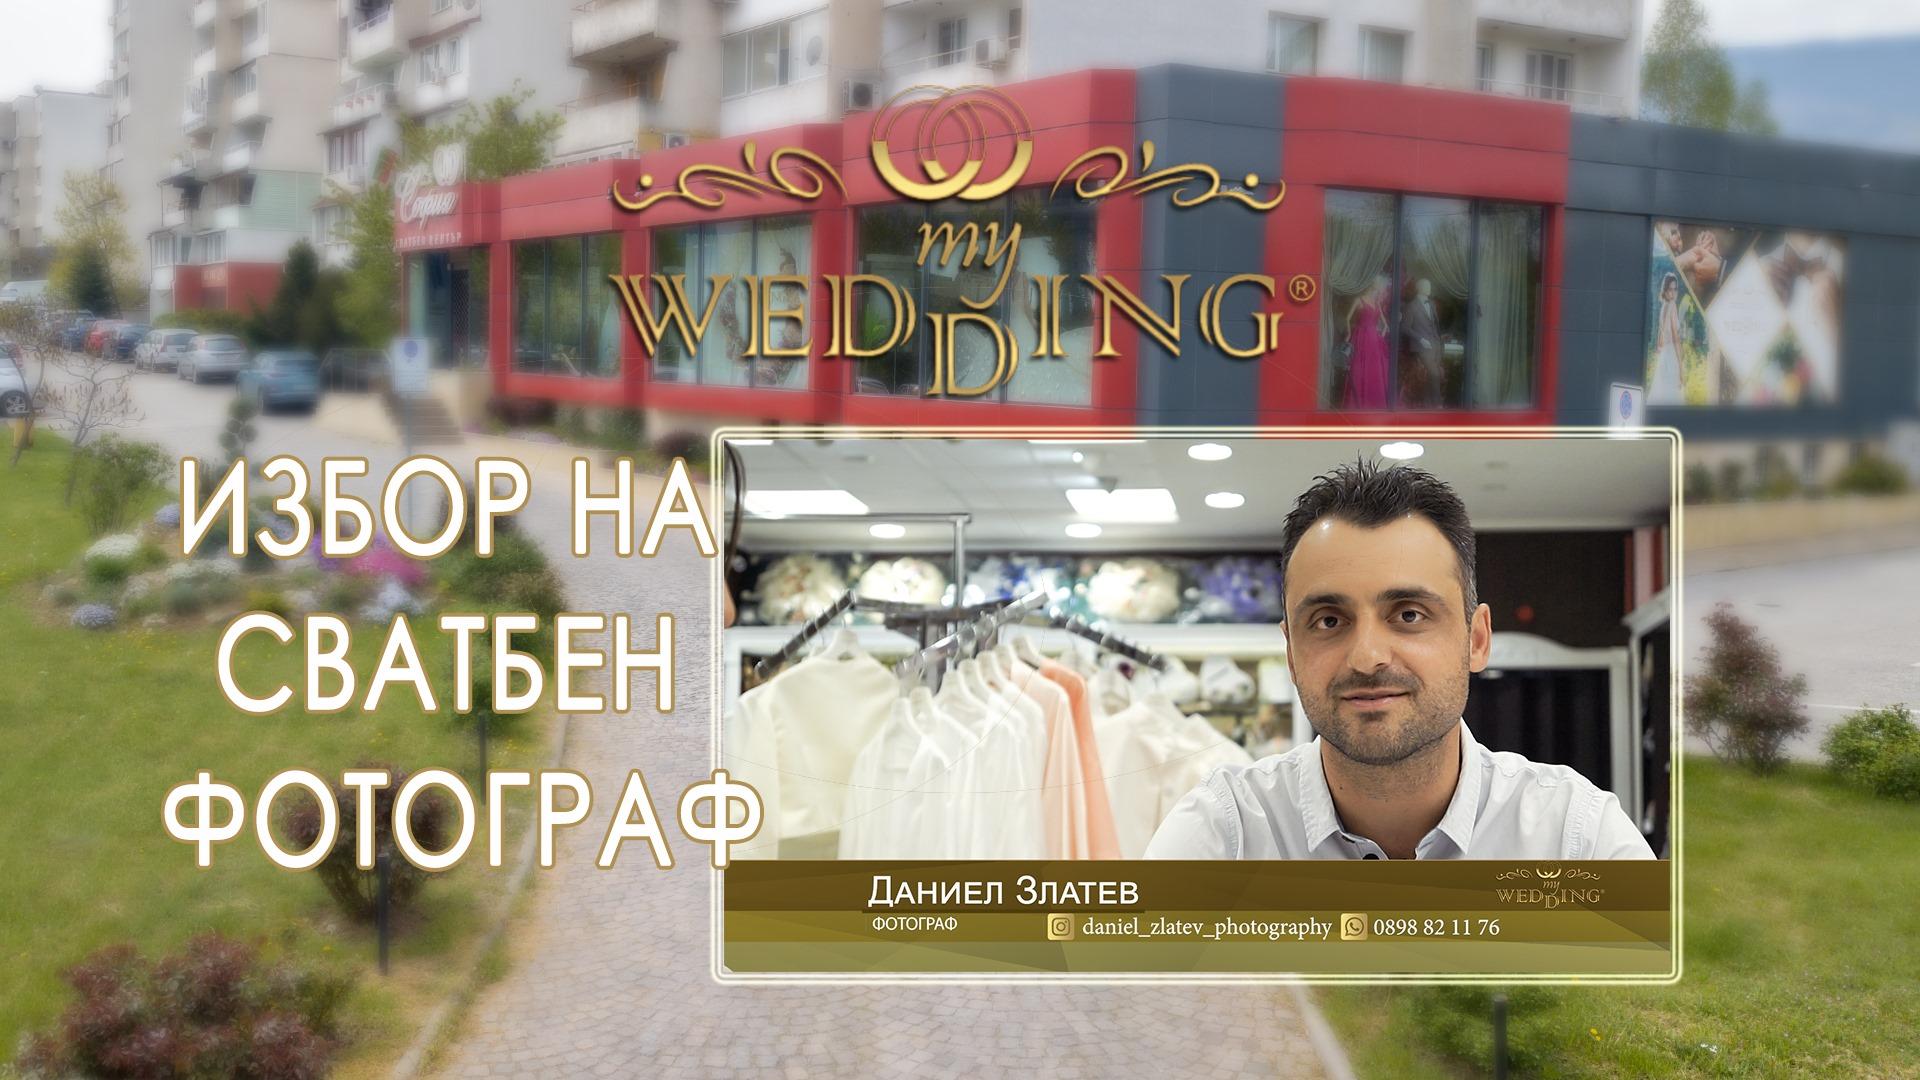 Избор на сватбен фотограф | Сватбен видео помощник